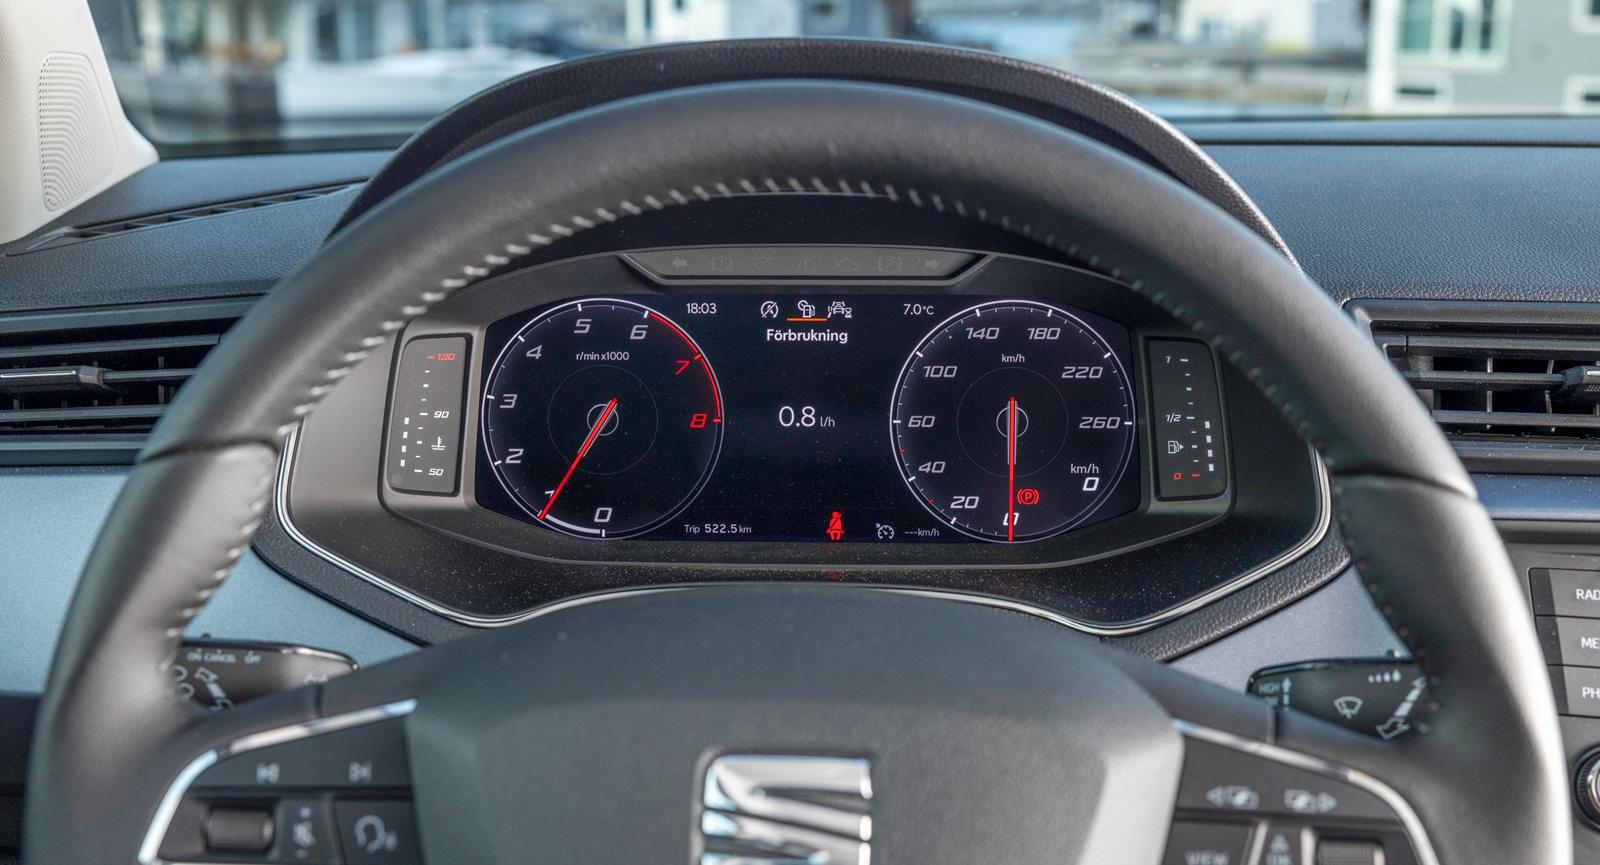 Tillvalet skärmbaserad instrumentering ger ett påkostat intryck, dessutom är den riktigt tydlig. Med knappar i ratten kan utseendet justeras, exempelvis till mindre ljusintensiv grafik.